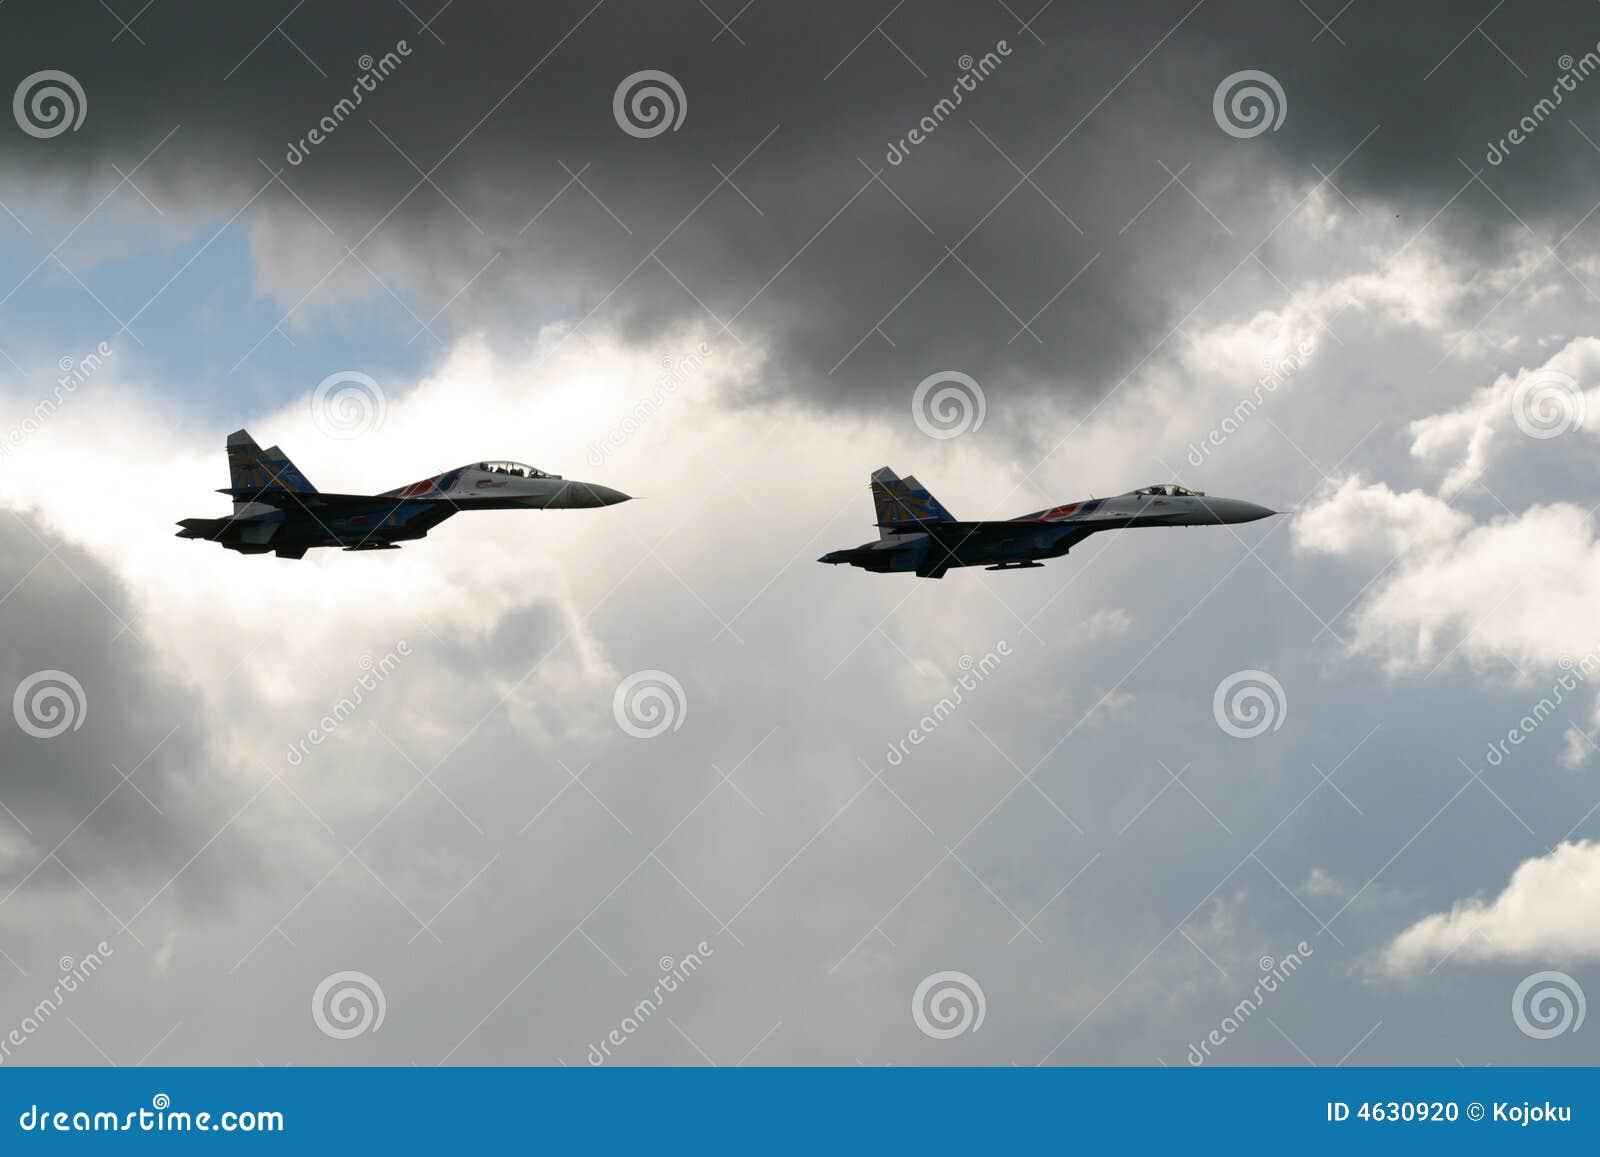 Aerei Da Caccia Russi Moderni : Due aerei da caccia russi fotografia stock immagine